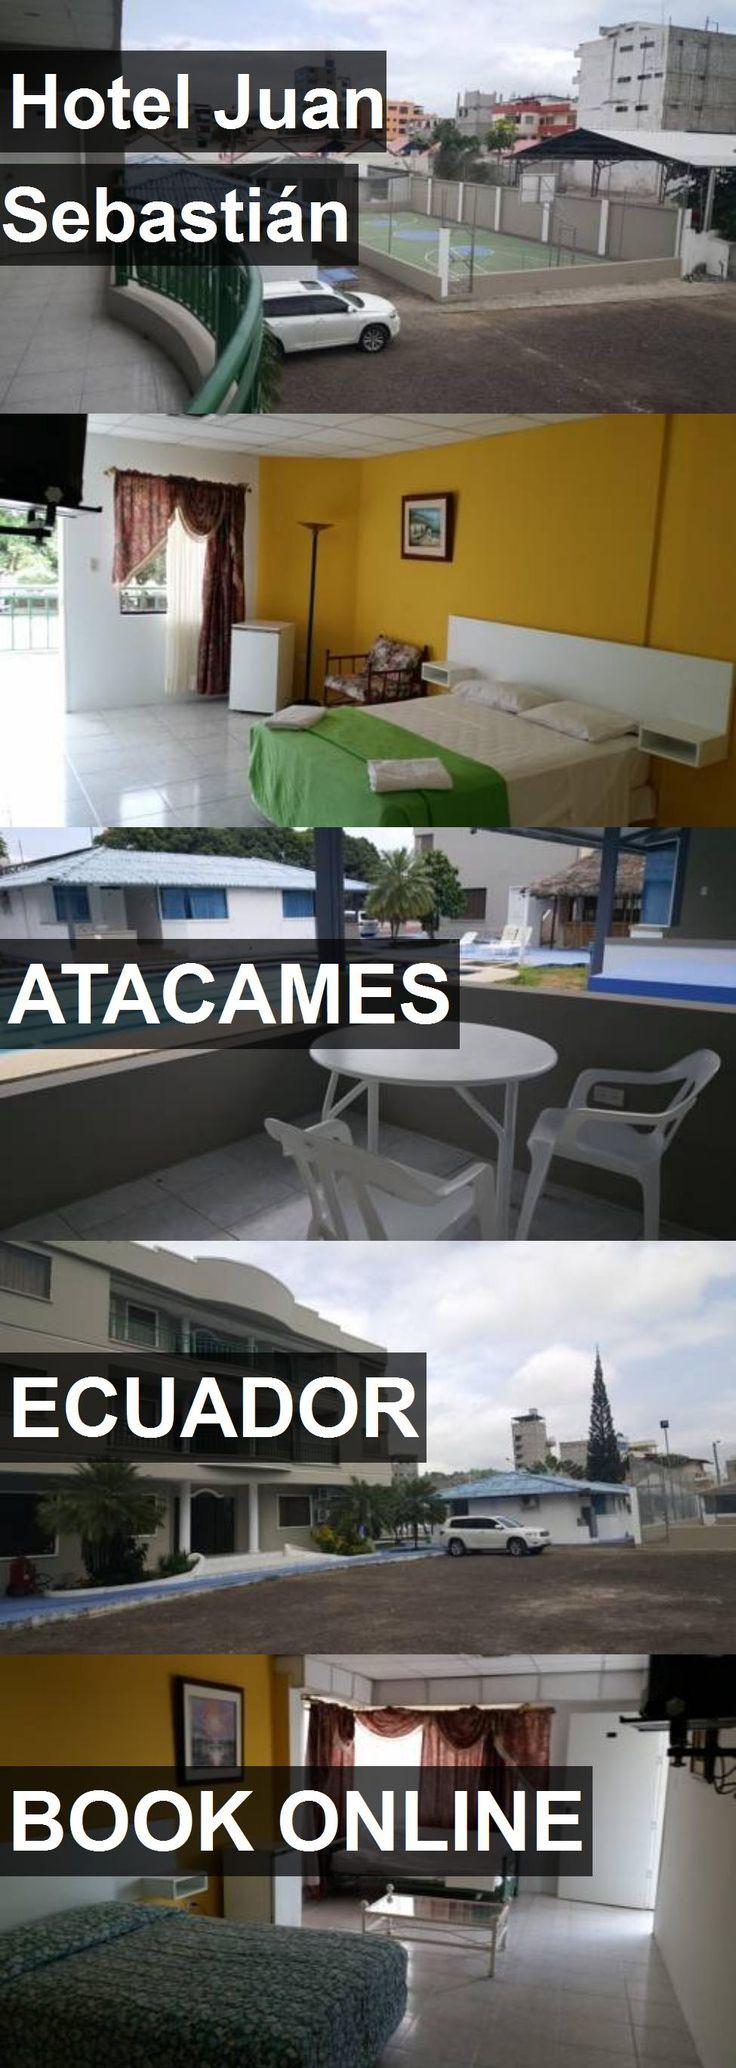 Hotel Juan Sebastián in Atacames, Ecuador. For more information, photos, reviews and best prices please follow the link. #Ecuador #Atacames #travel #vacation #hotel